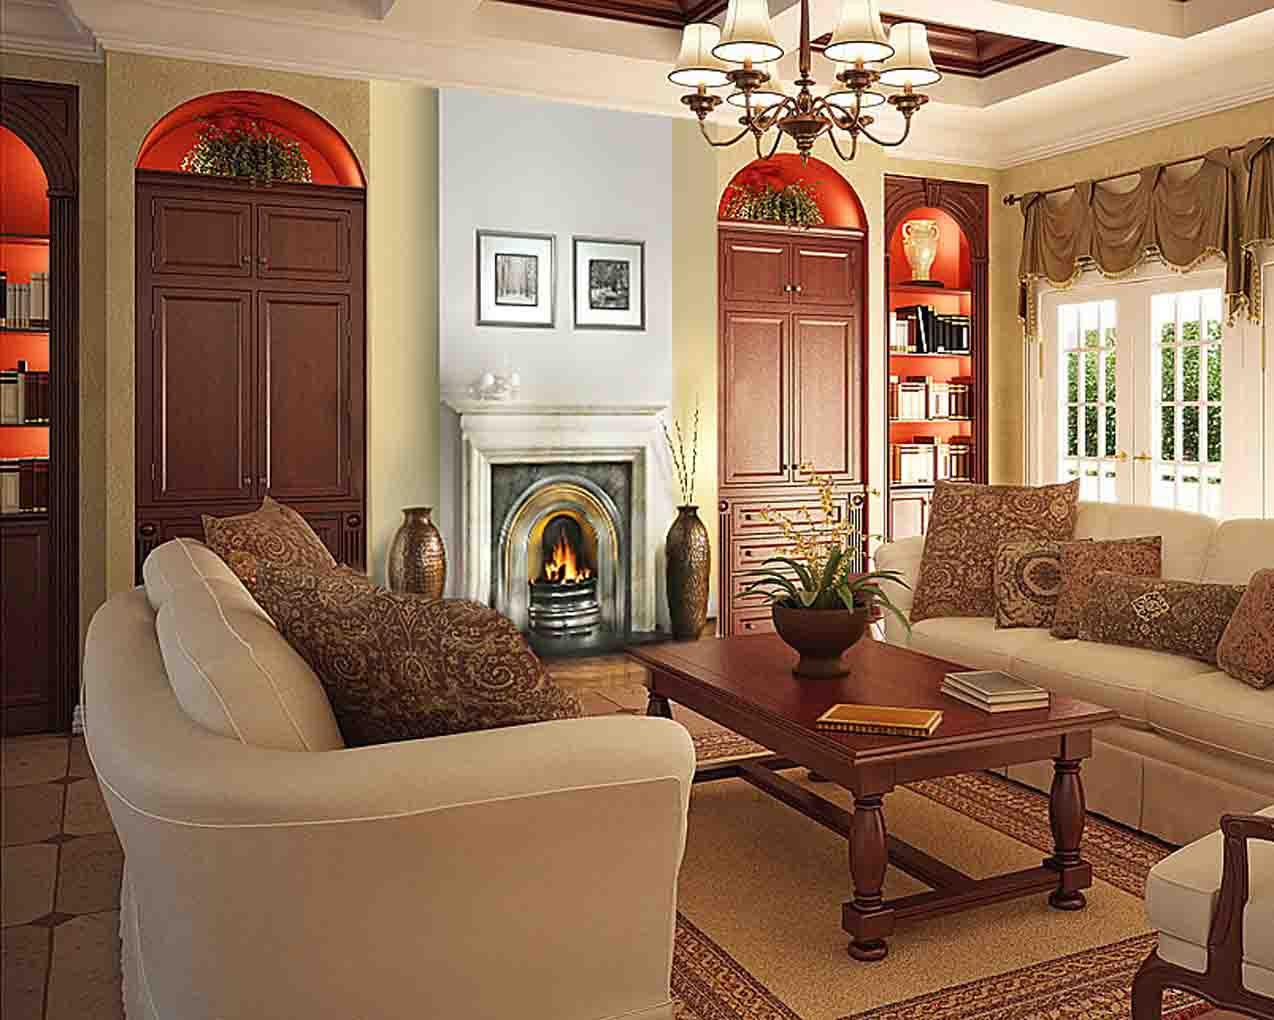 Home Decor Ideas | Home and Living